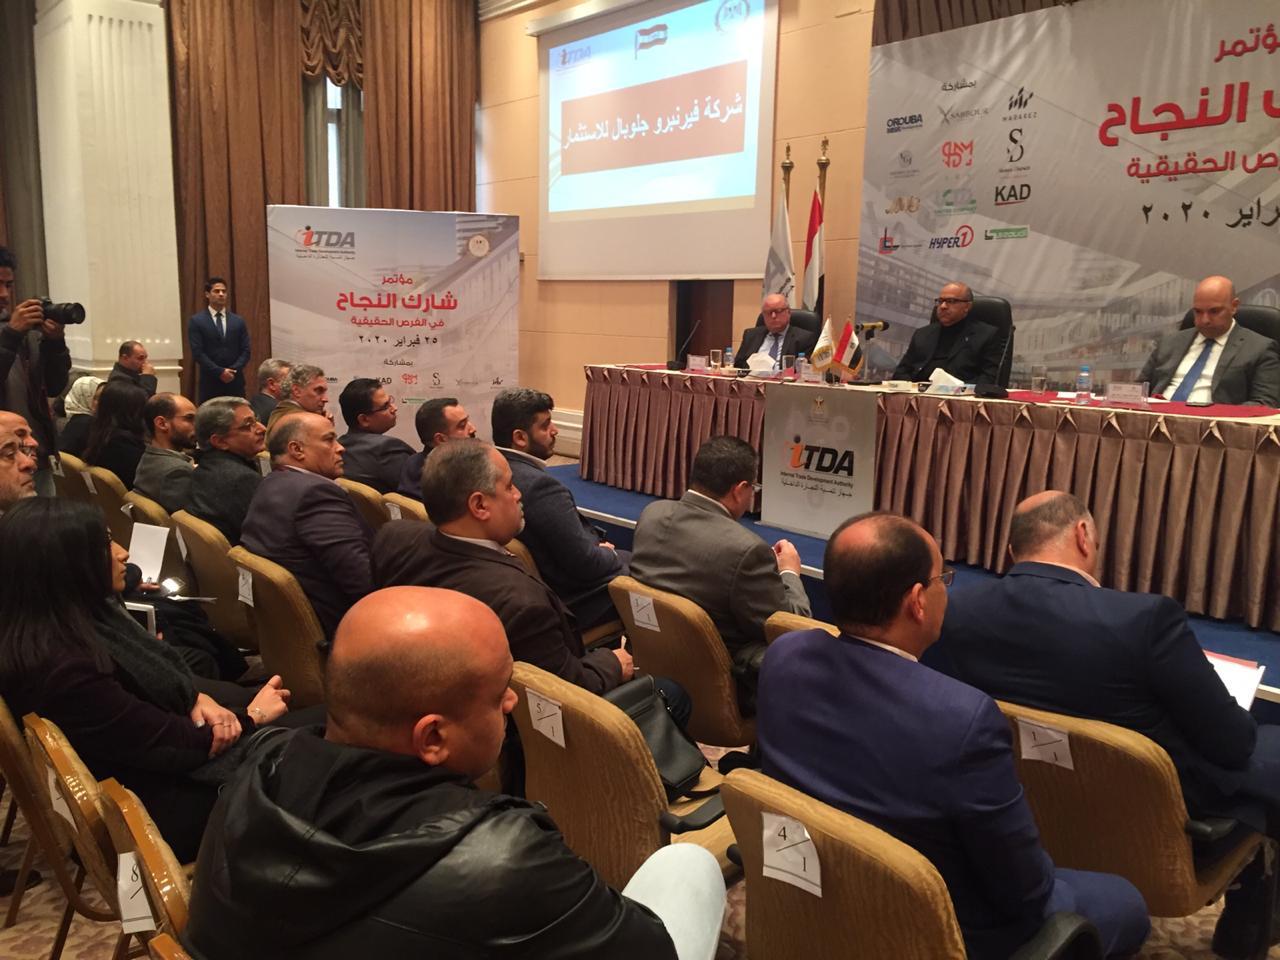 المؤتمر الصحفى لجهاز تنمية التجارة الداخلية بوزارة التموين  (2)